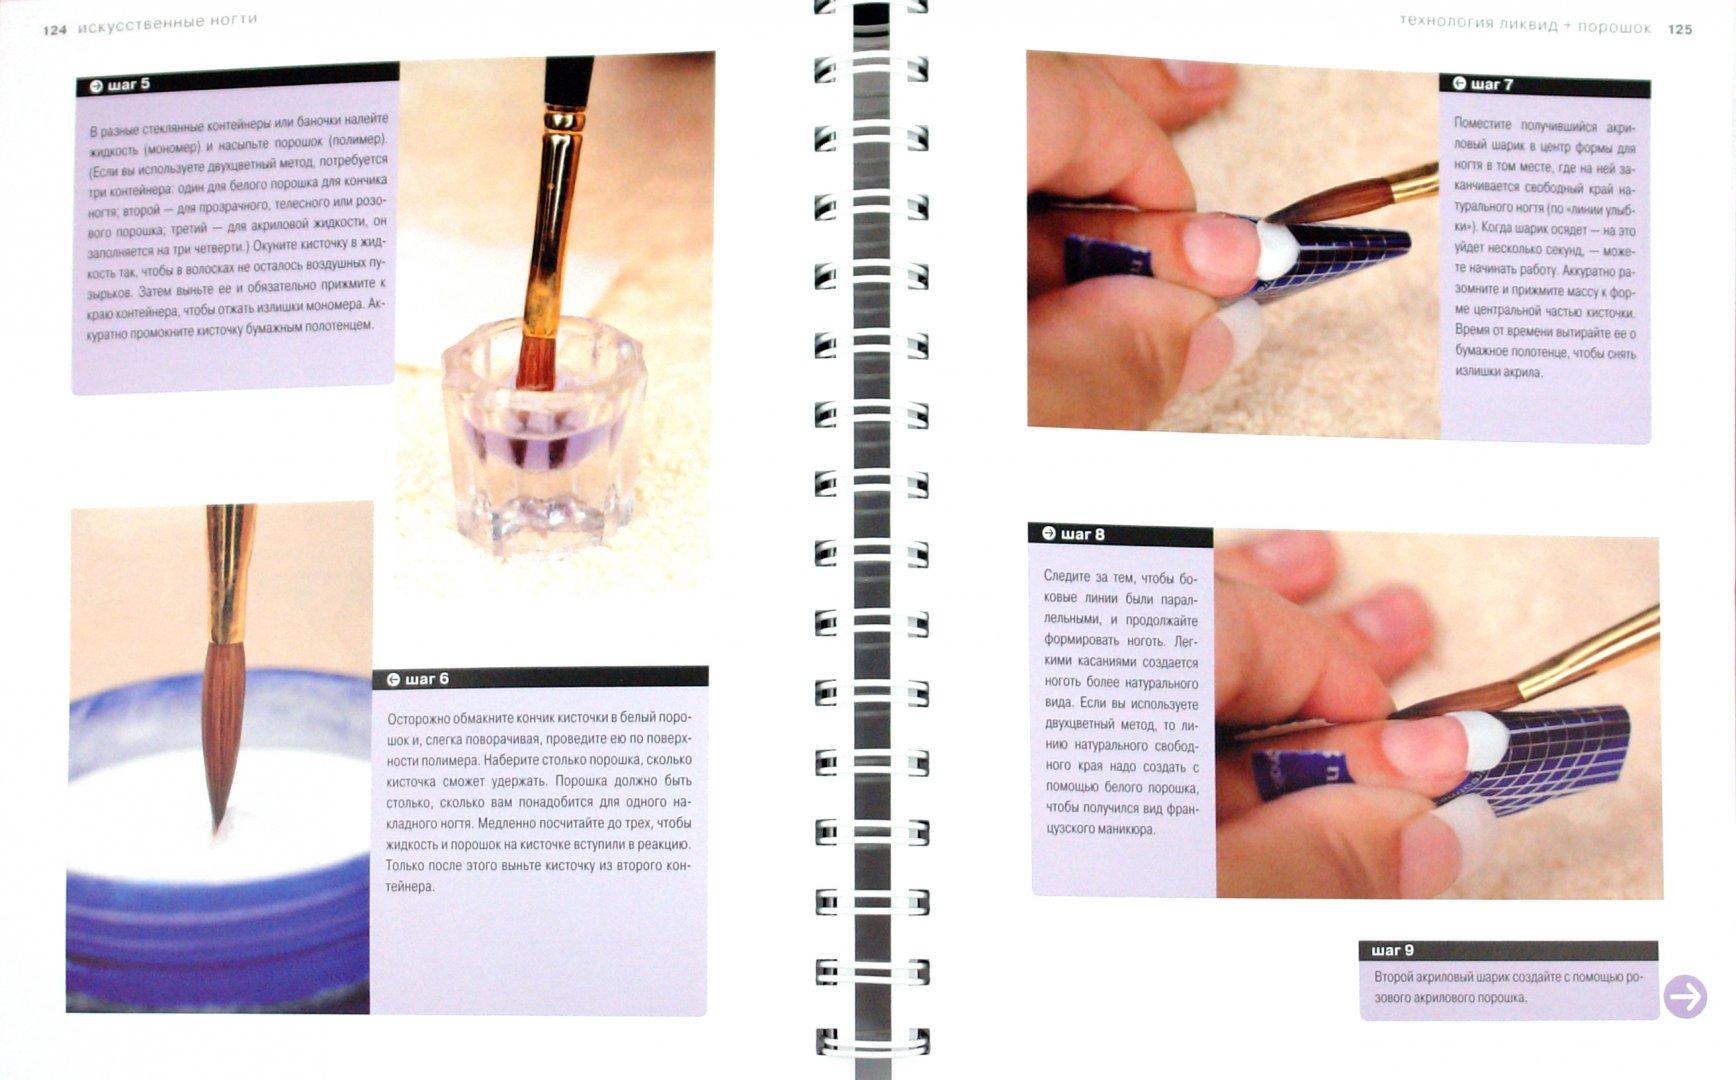 Иллюстрация 1 из 34 для Уход за ногтями. Секреты профессионалов - Ли Тозелли | Лабиринт - книги. Источник: Лабиринт